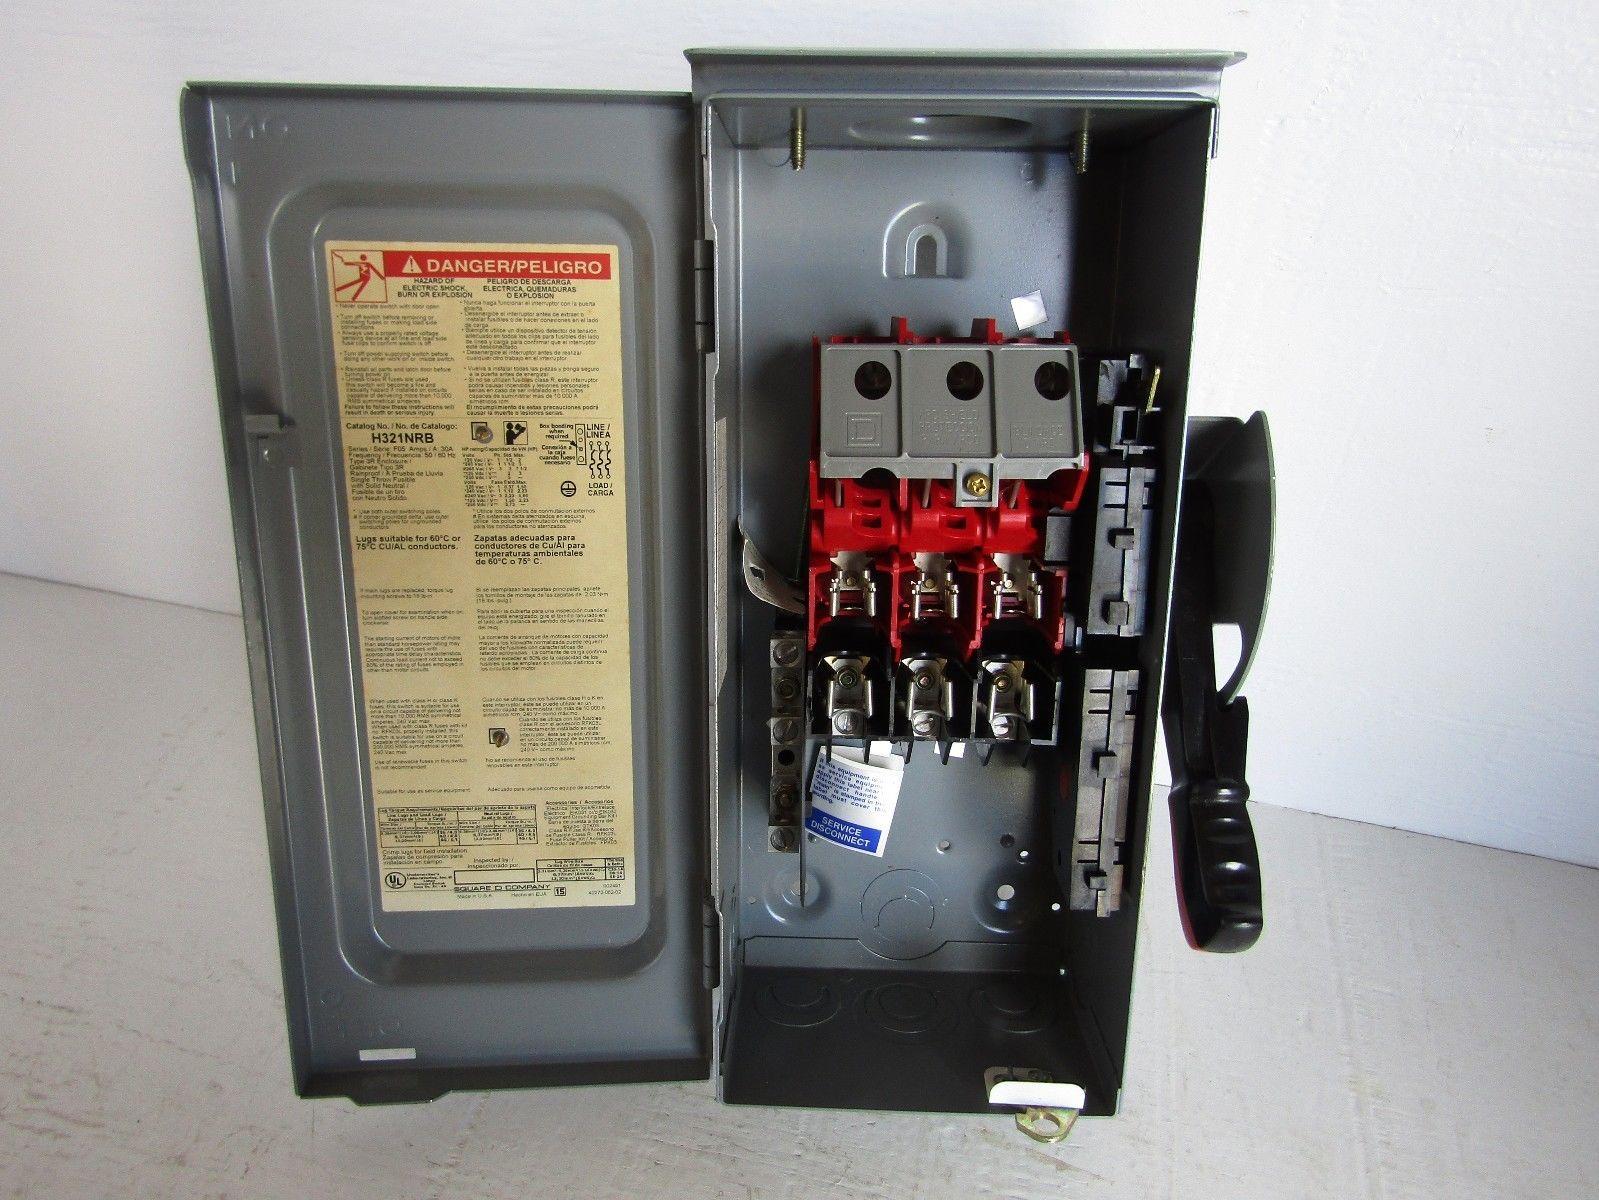 New Square D H321nrb 3 Pole 240 Volt 30 Amp Fusible